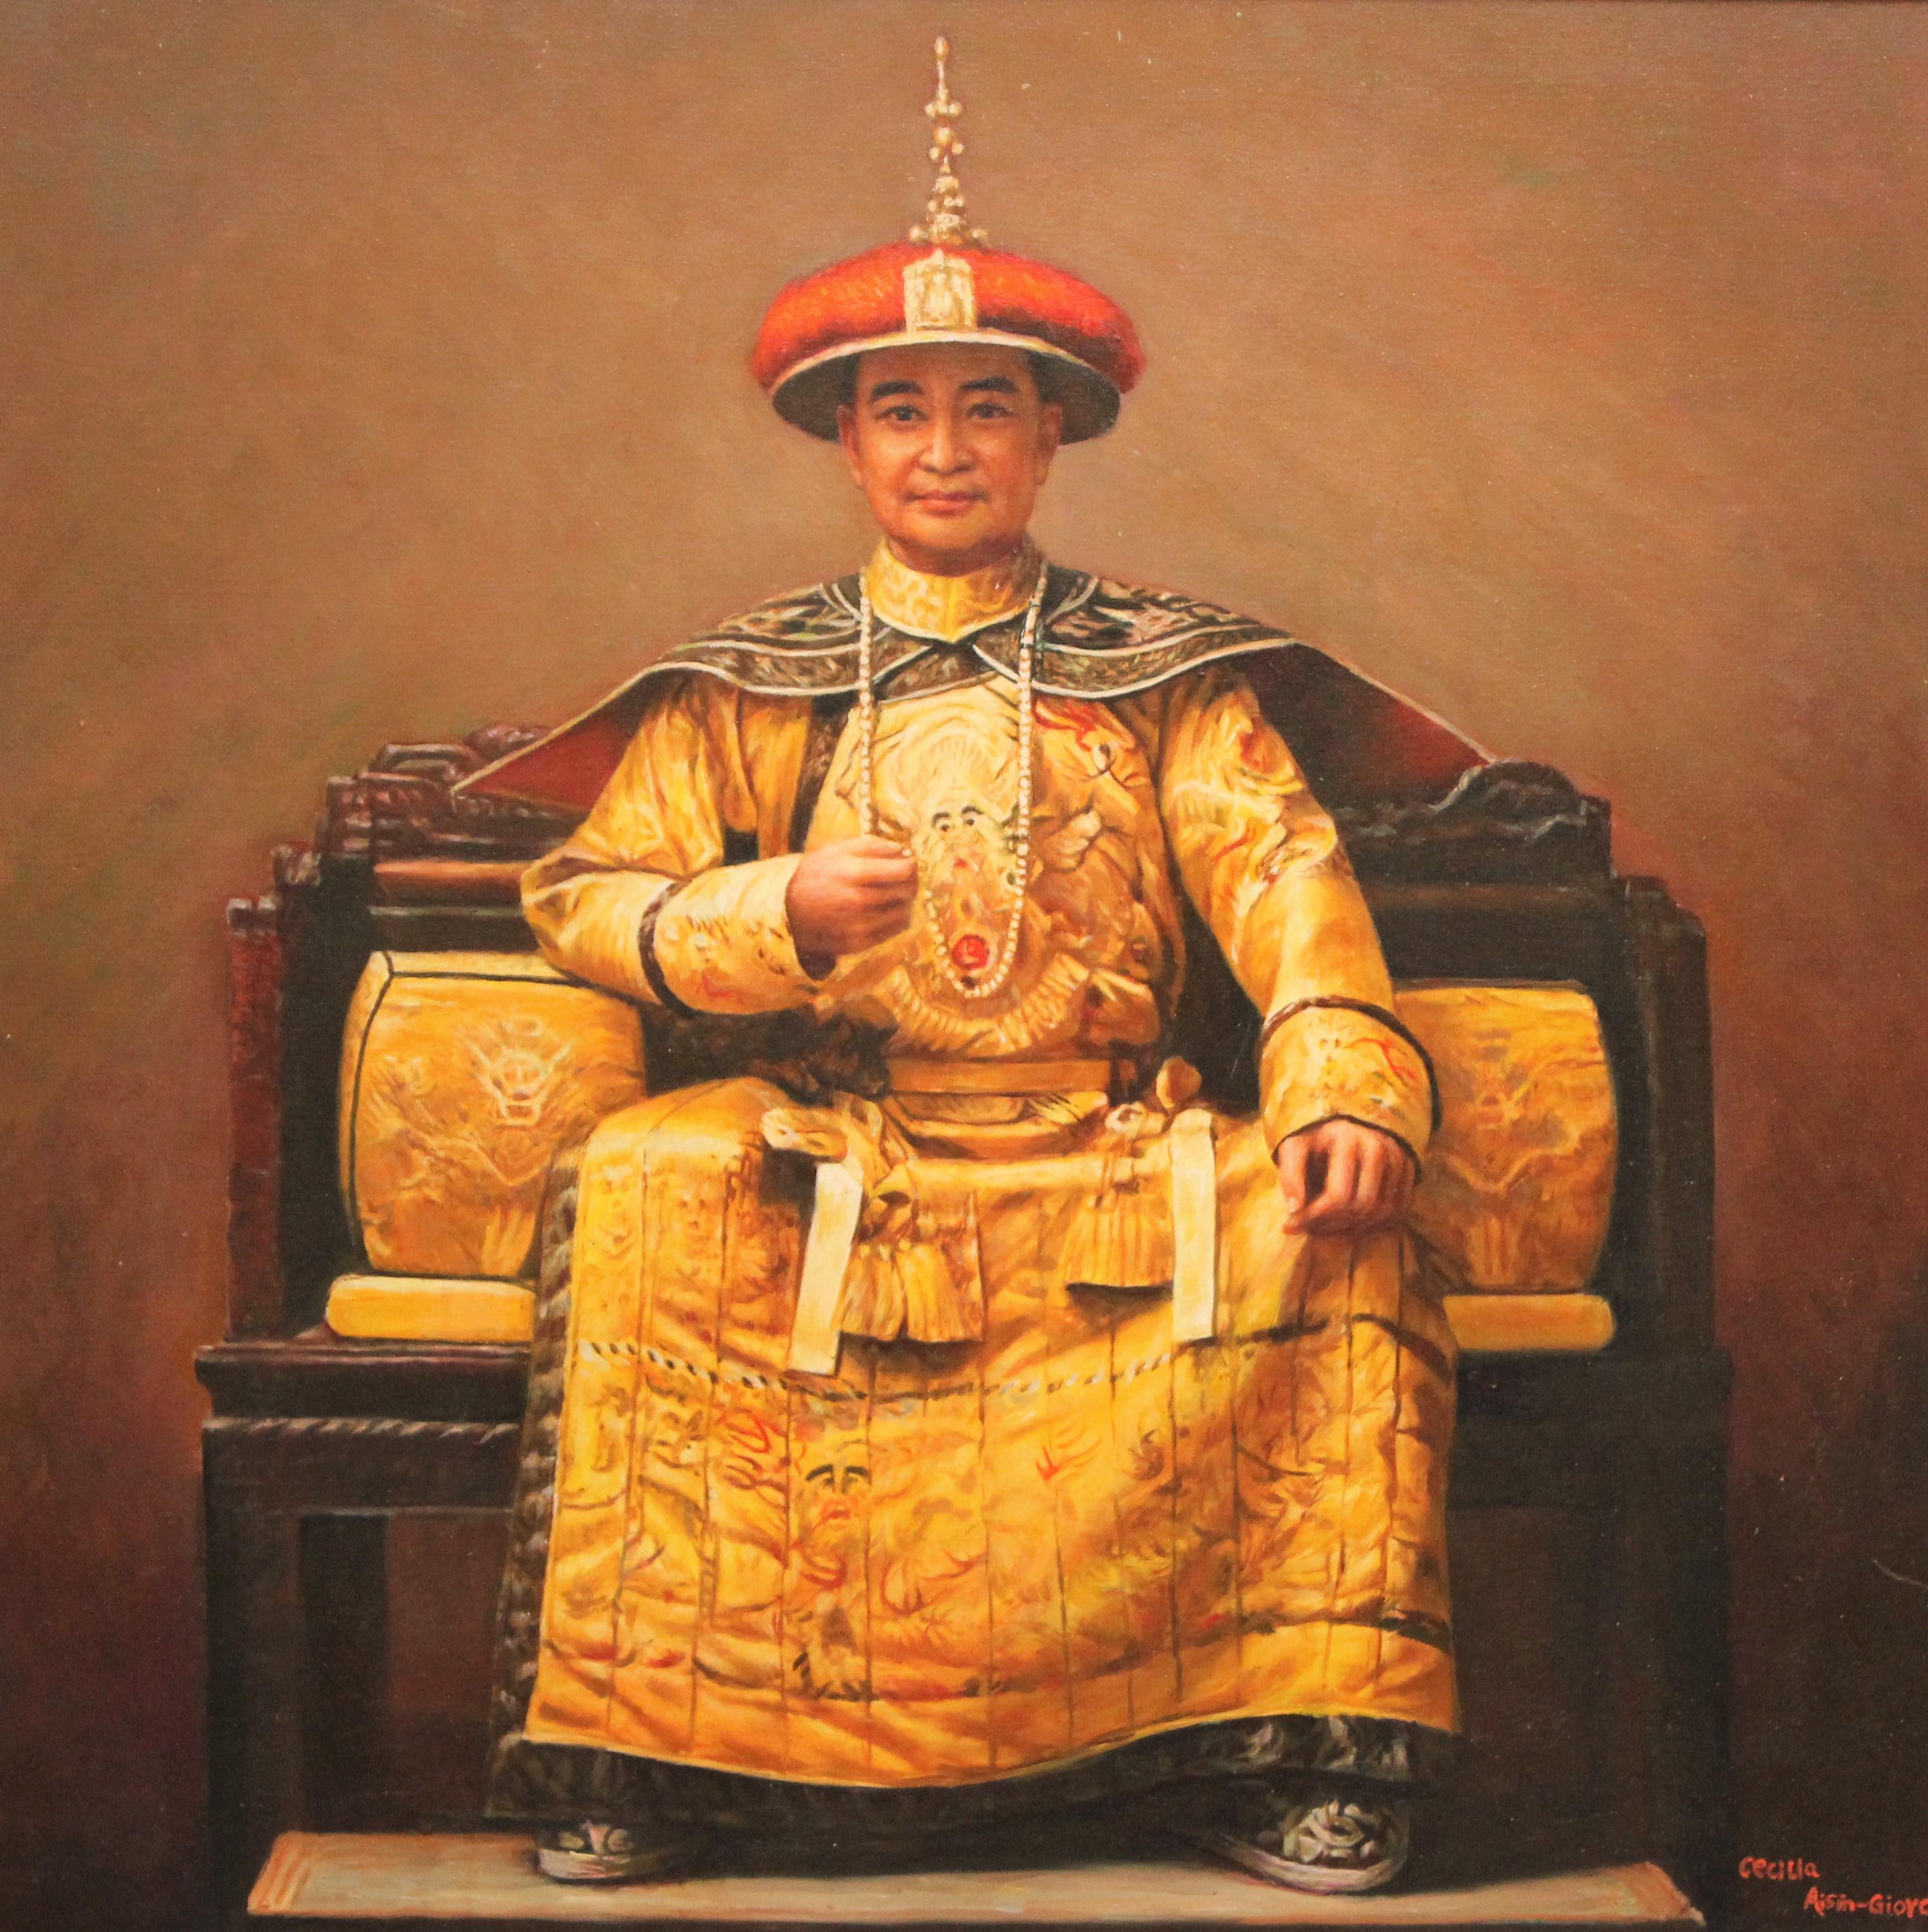 Cecilia Aisian-Gioro - Emperor-Original Oil Painting - 32x32